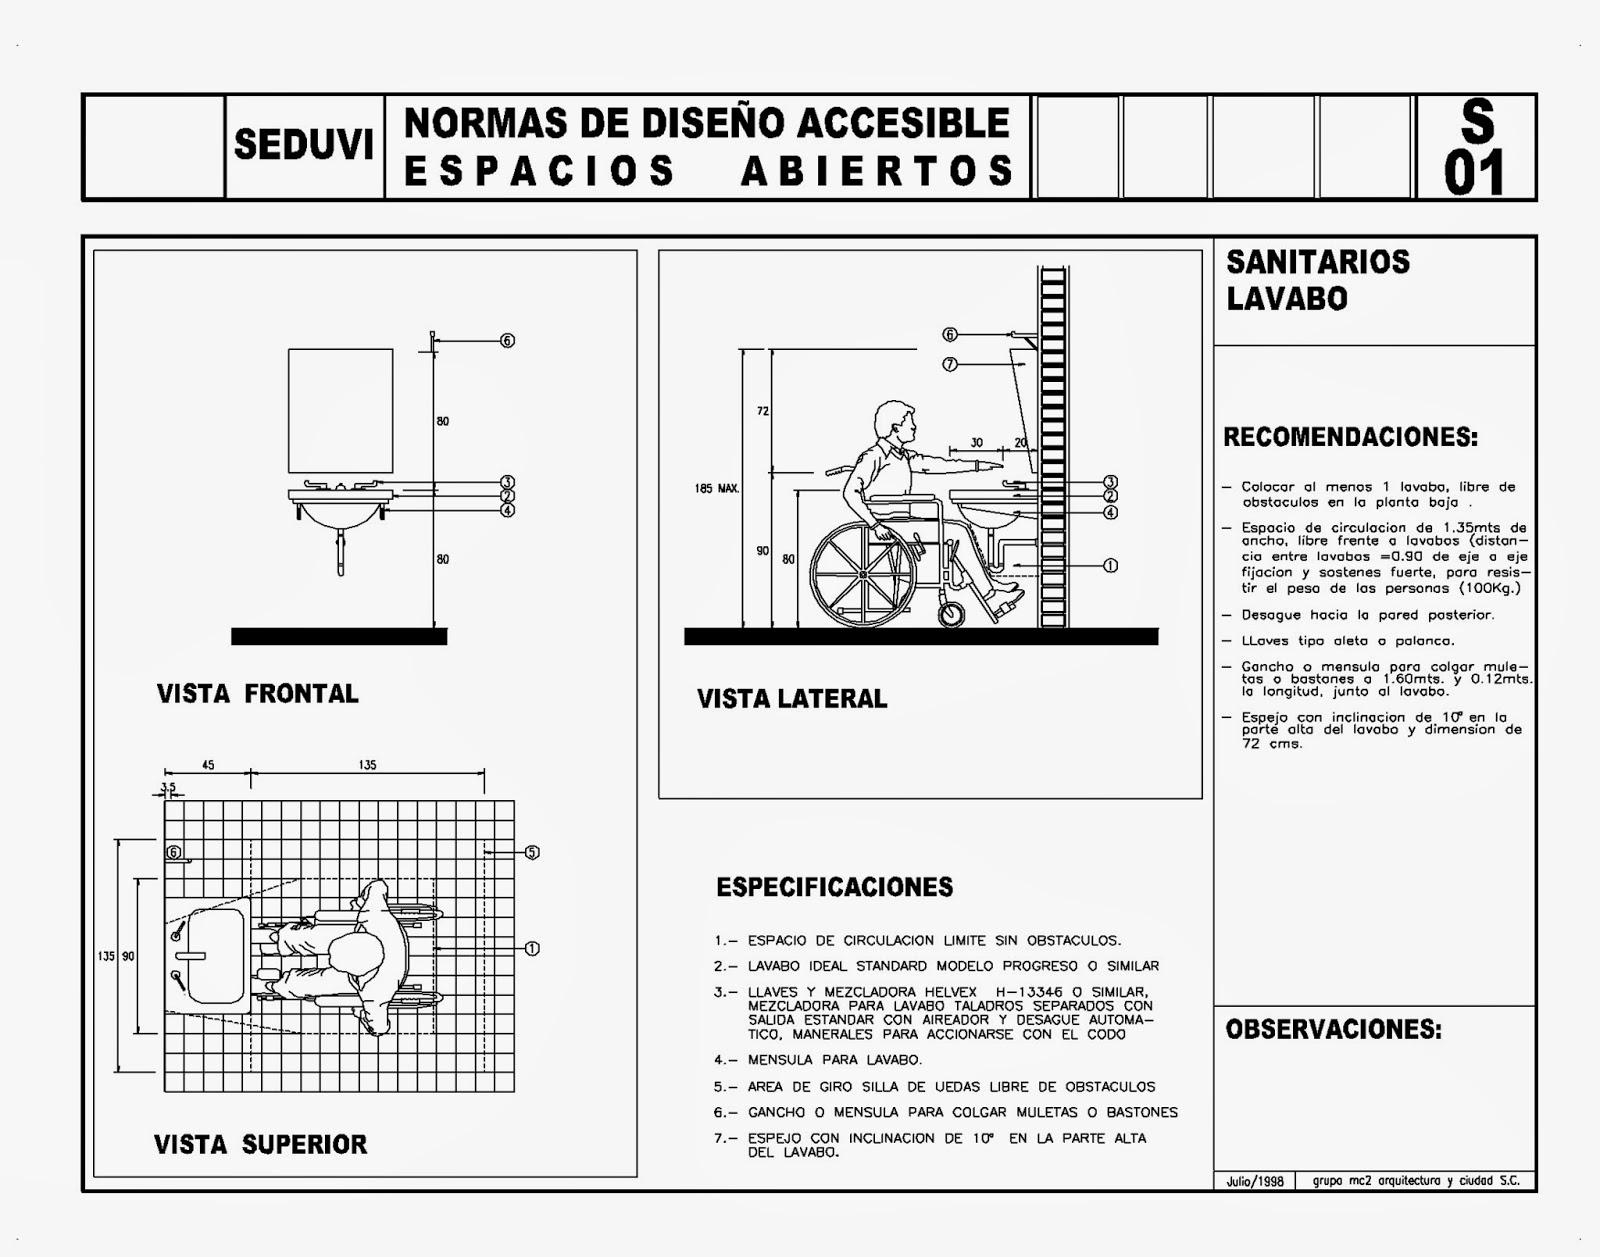 Baño Discapacitados Medidas:Todo para el Arqui: diciembre 2013